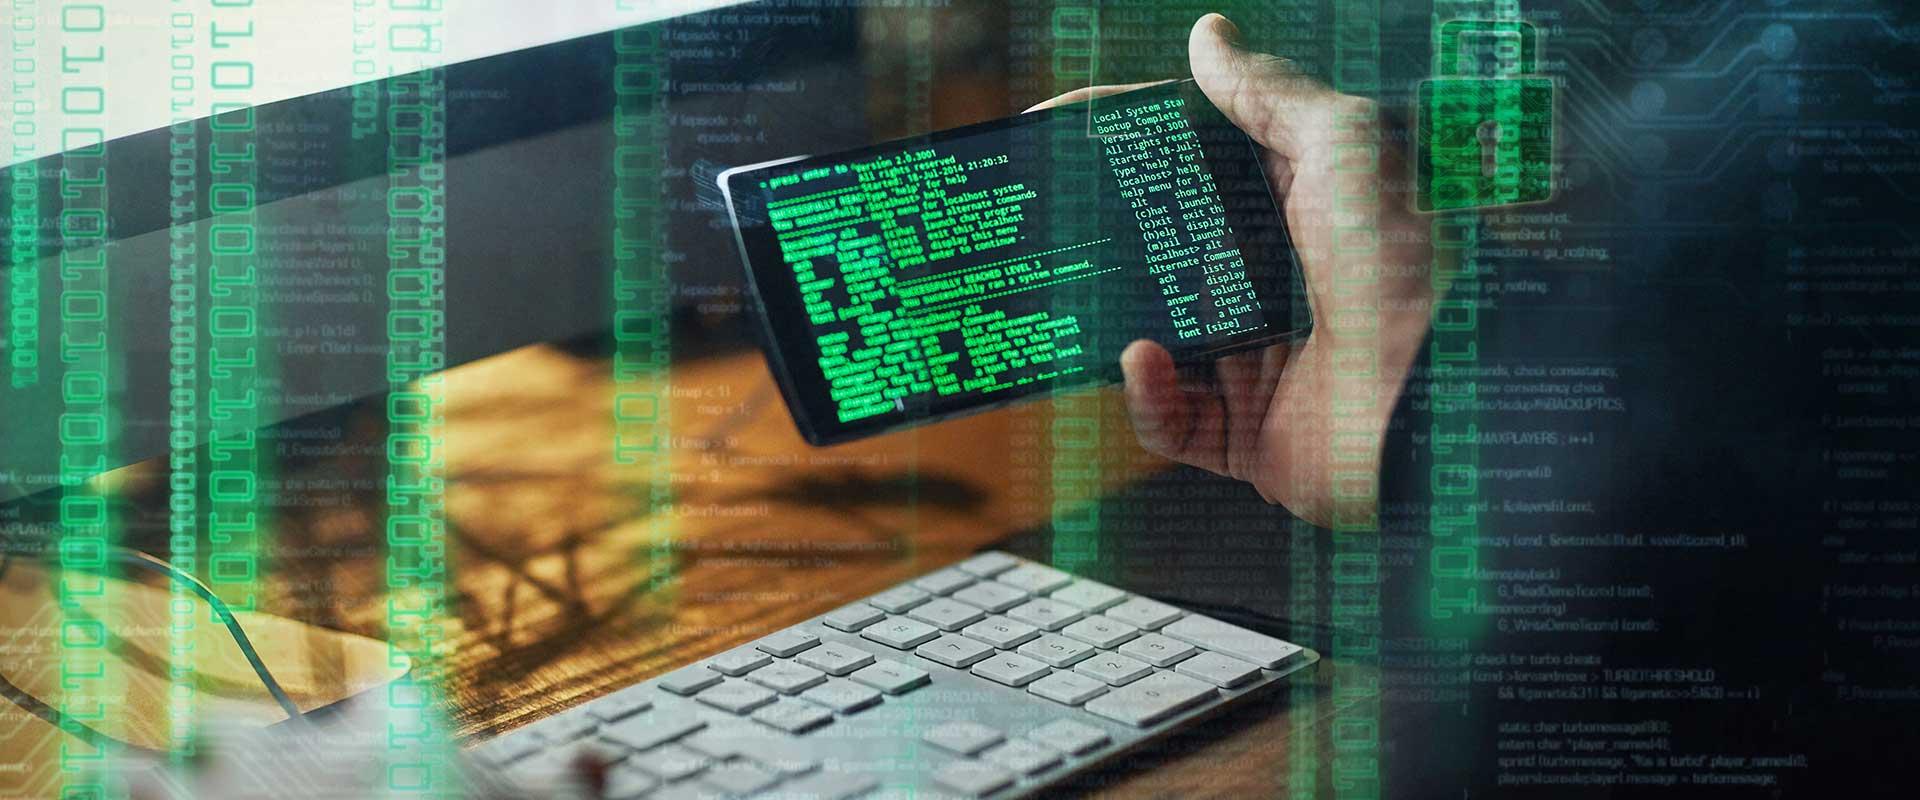 Cybersécurité : et si la meilleure défense était l'attaque